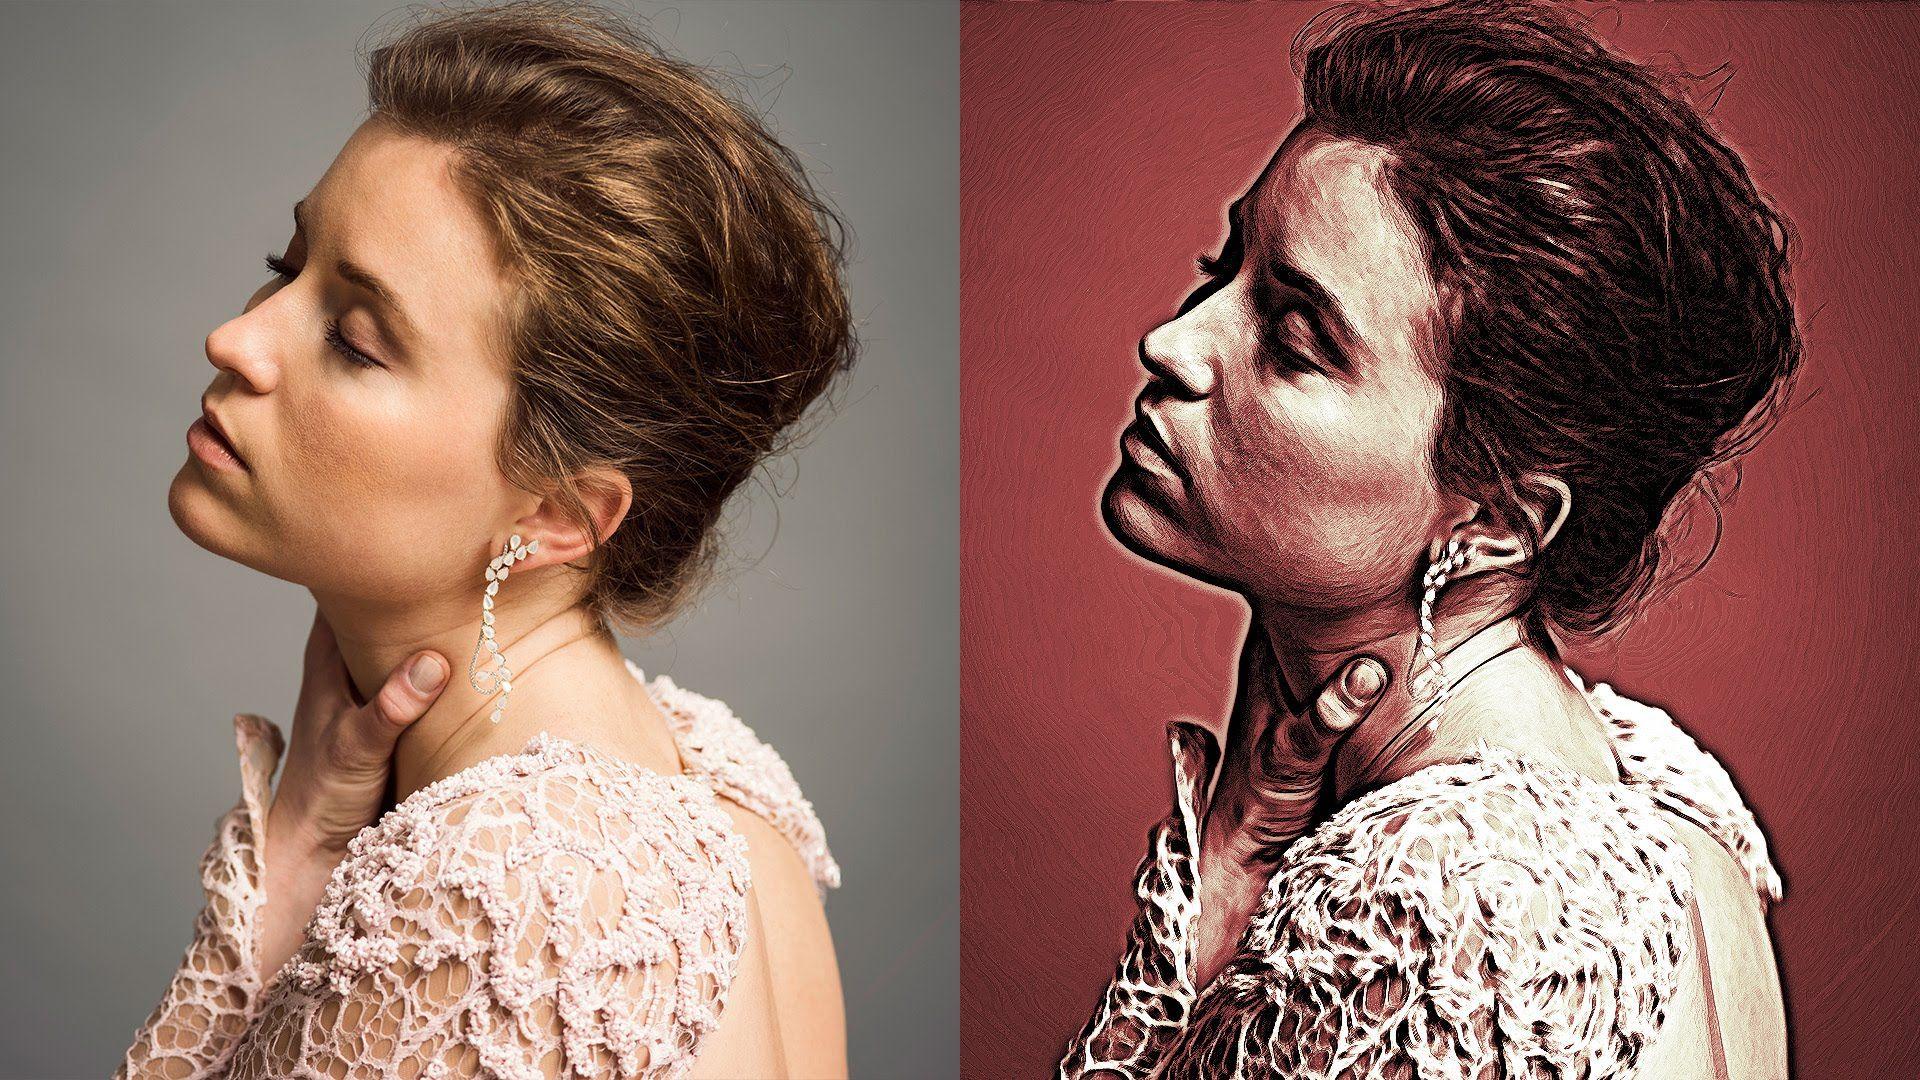 Art Paint Effect In Photoshop Oil Paint Effect Oil Paint Effect Photoshop Paint Effects